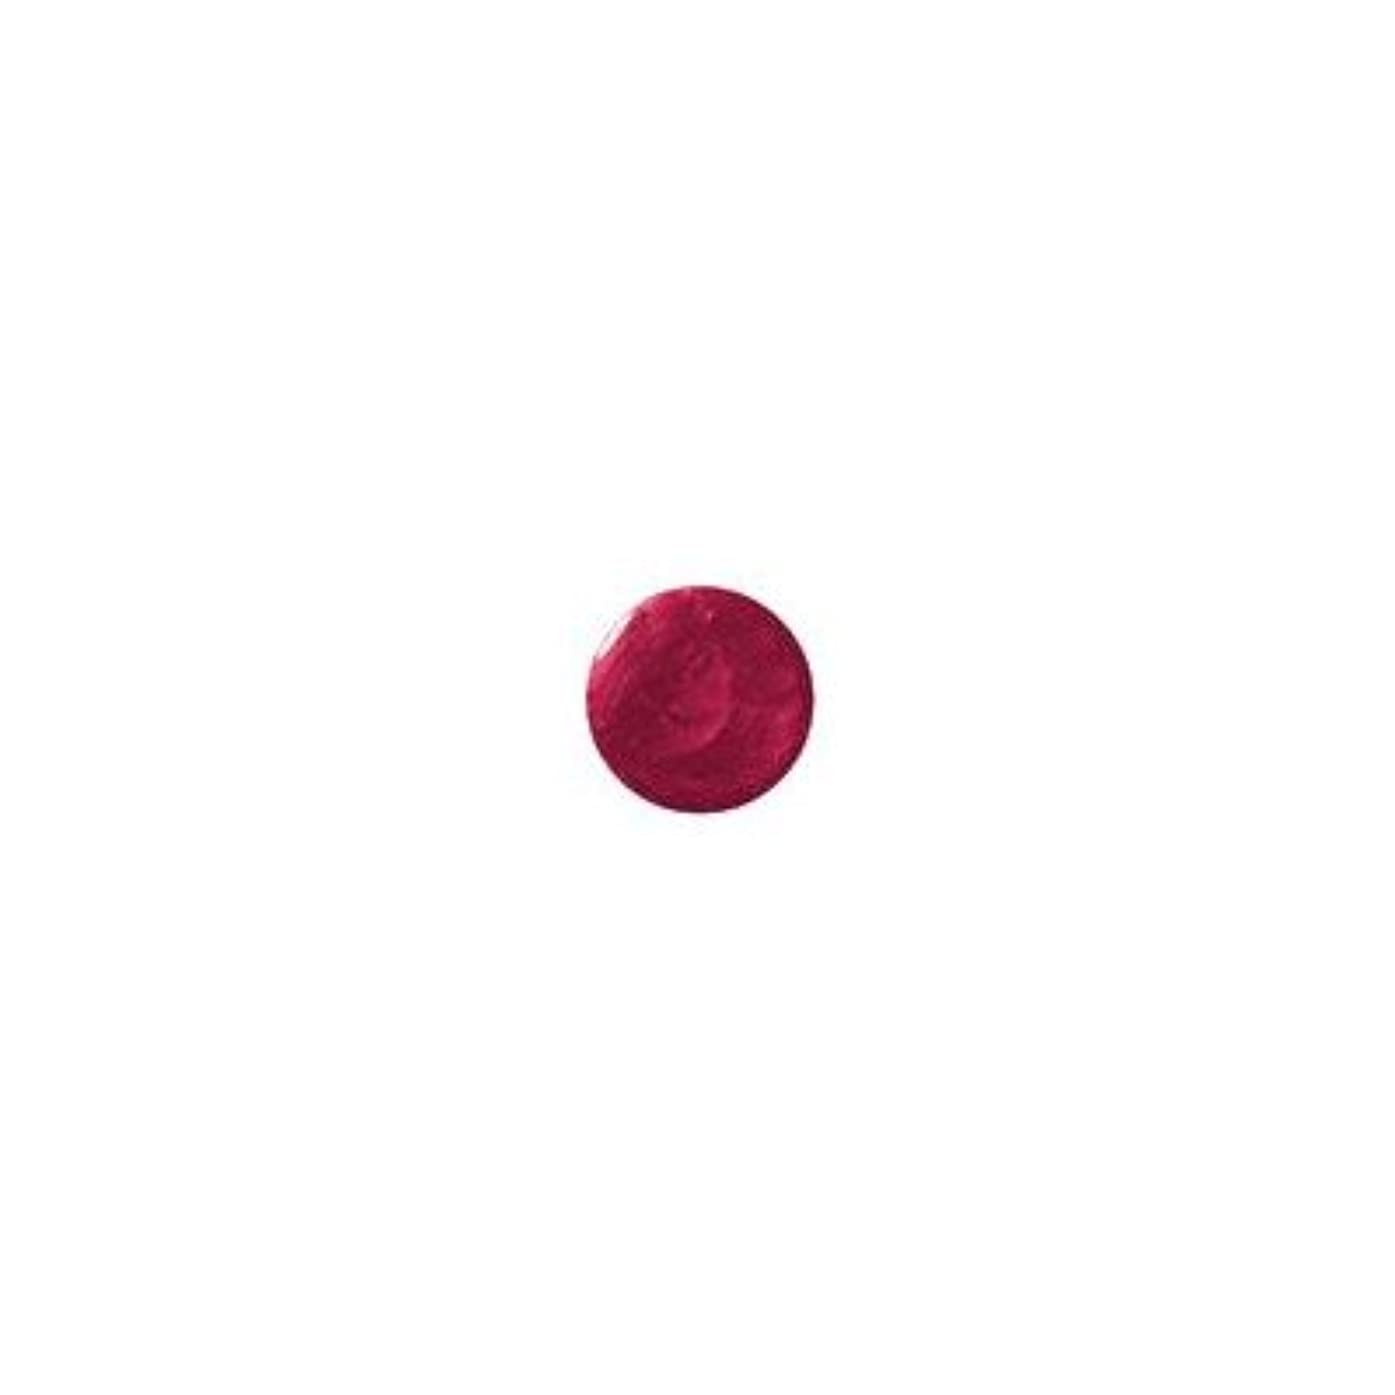 脆いテーマブルーベルジェレレーション カラー463Fパッショネイトキッシーズ